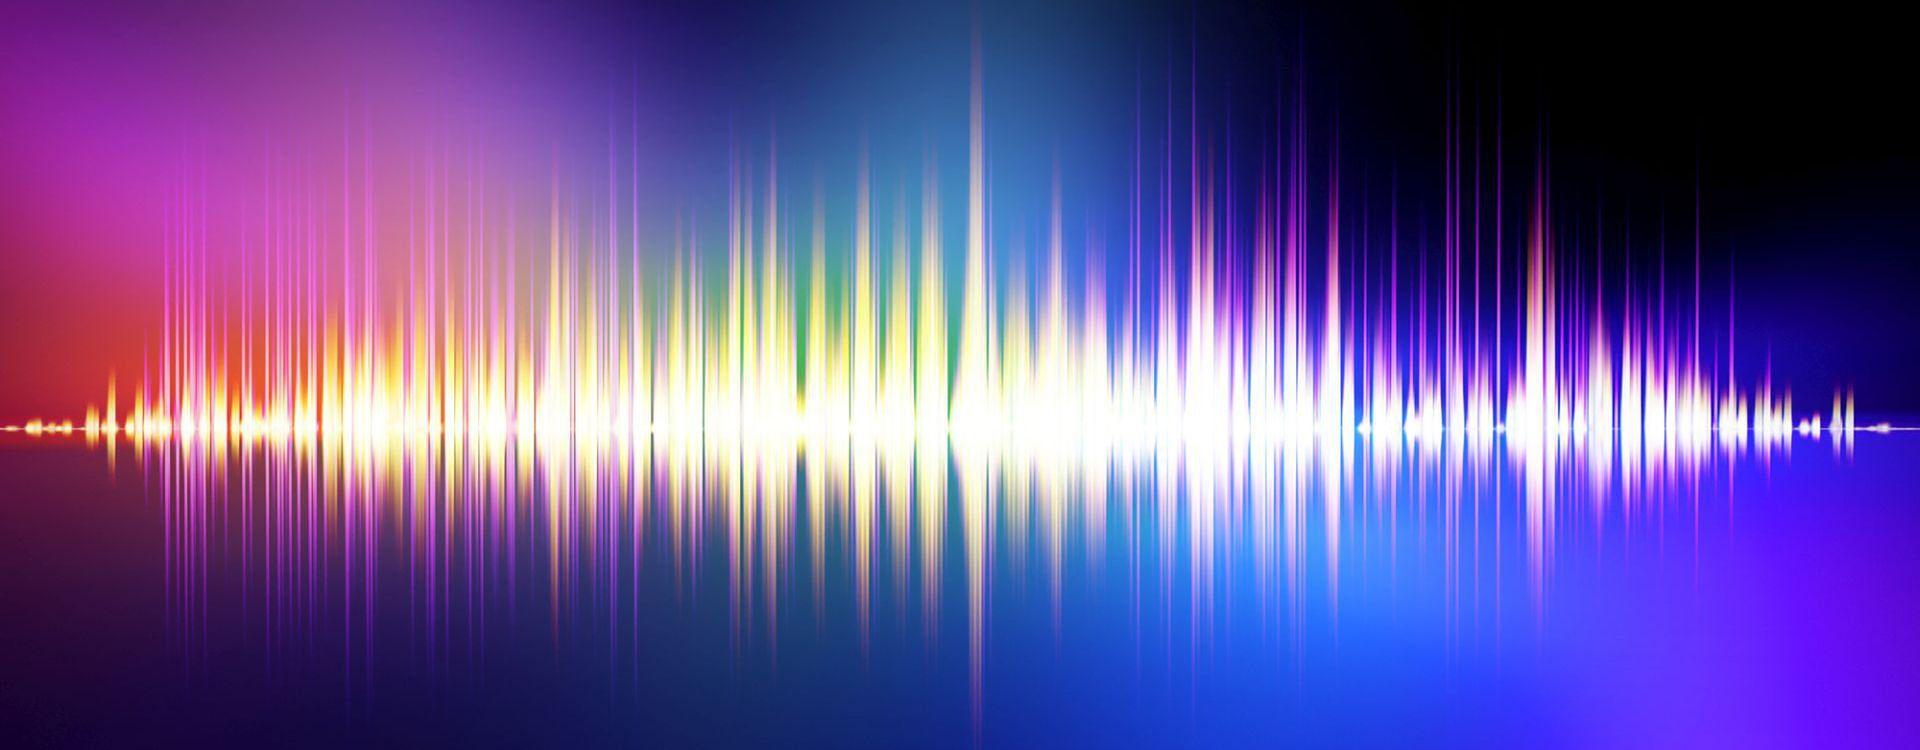 Oscylacje fali dźwiękowej